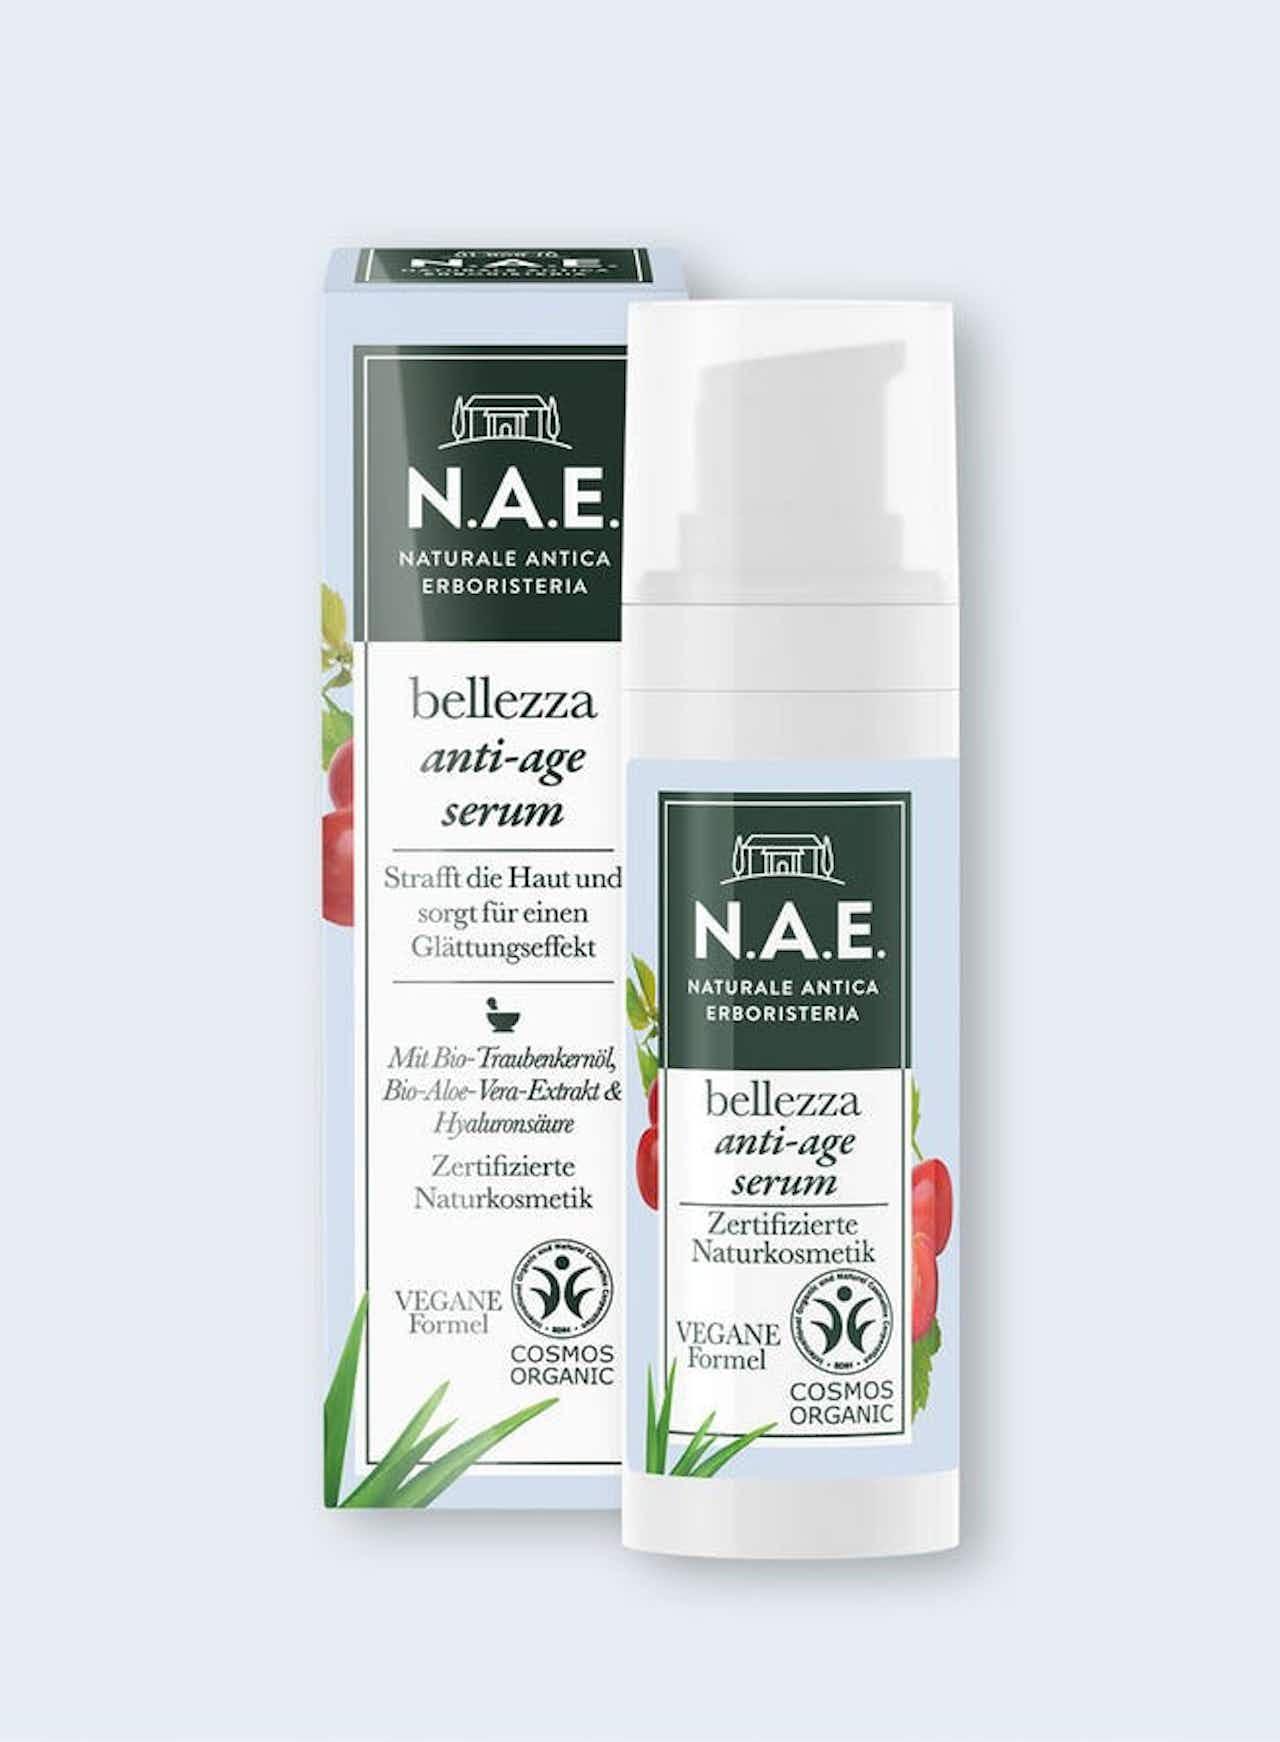 bellezza anti-age serum  | anti-age fluid serum